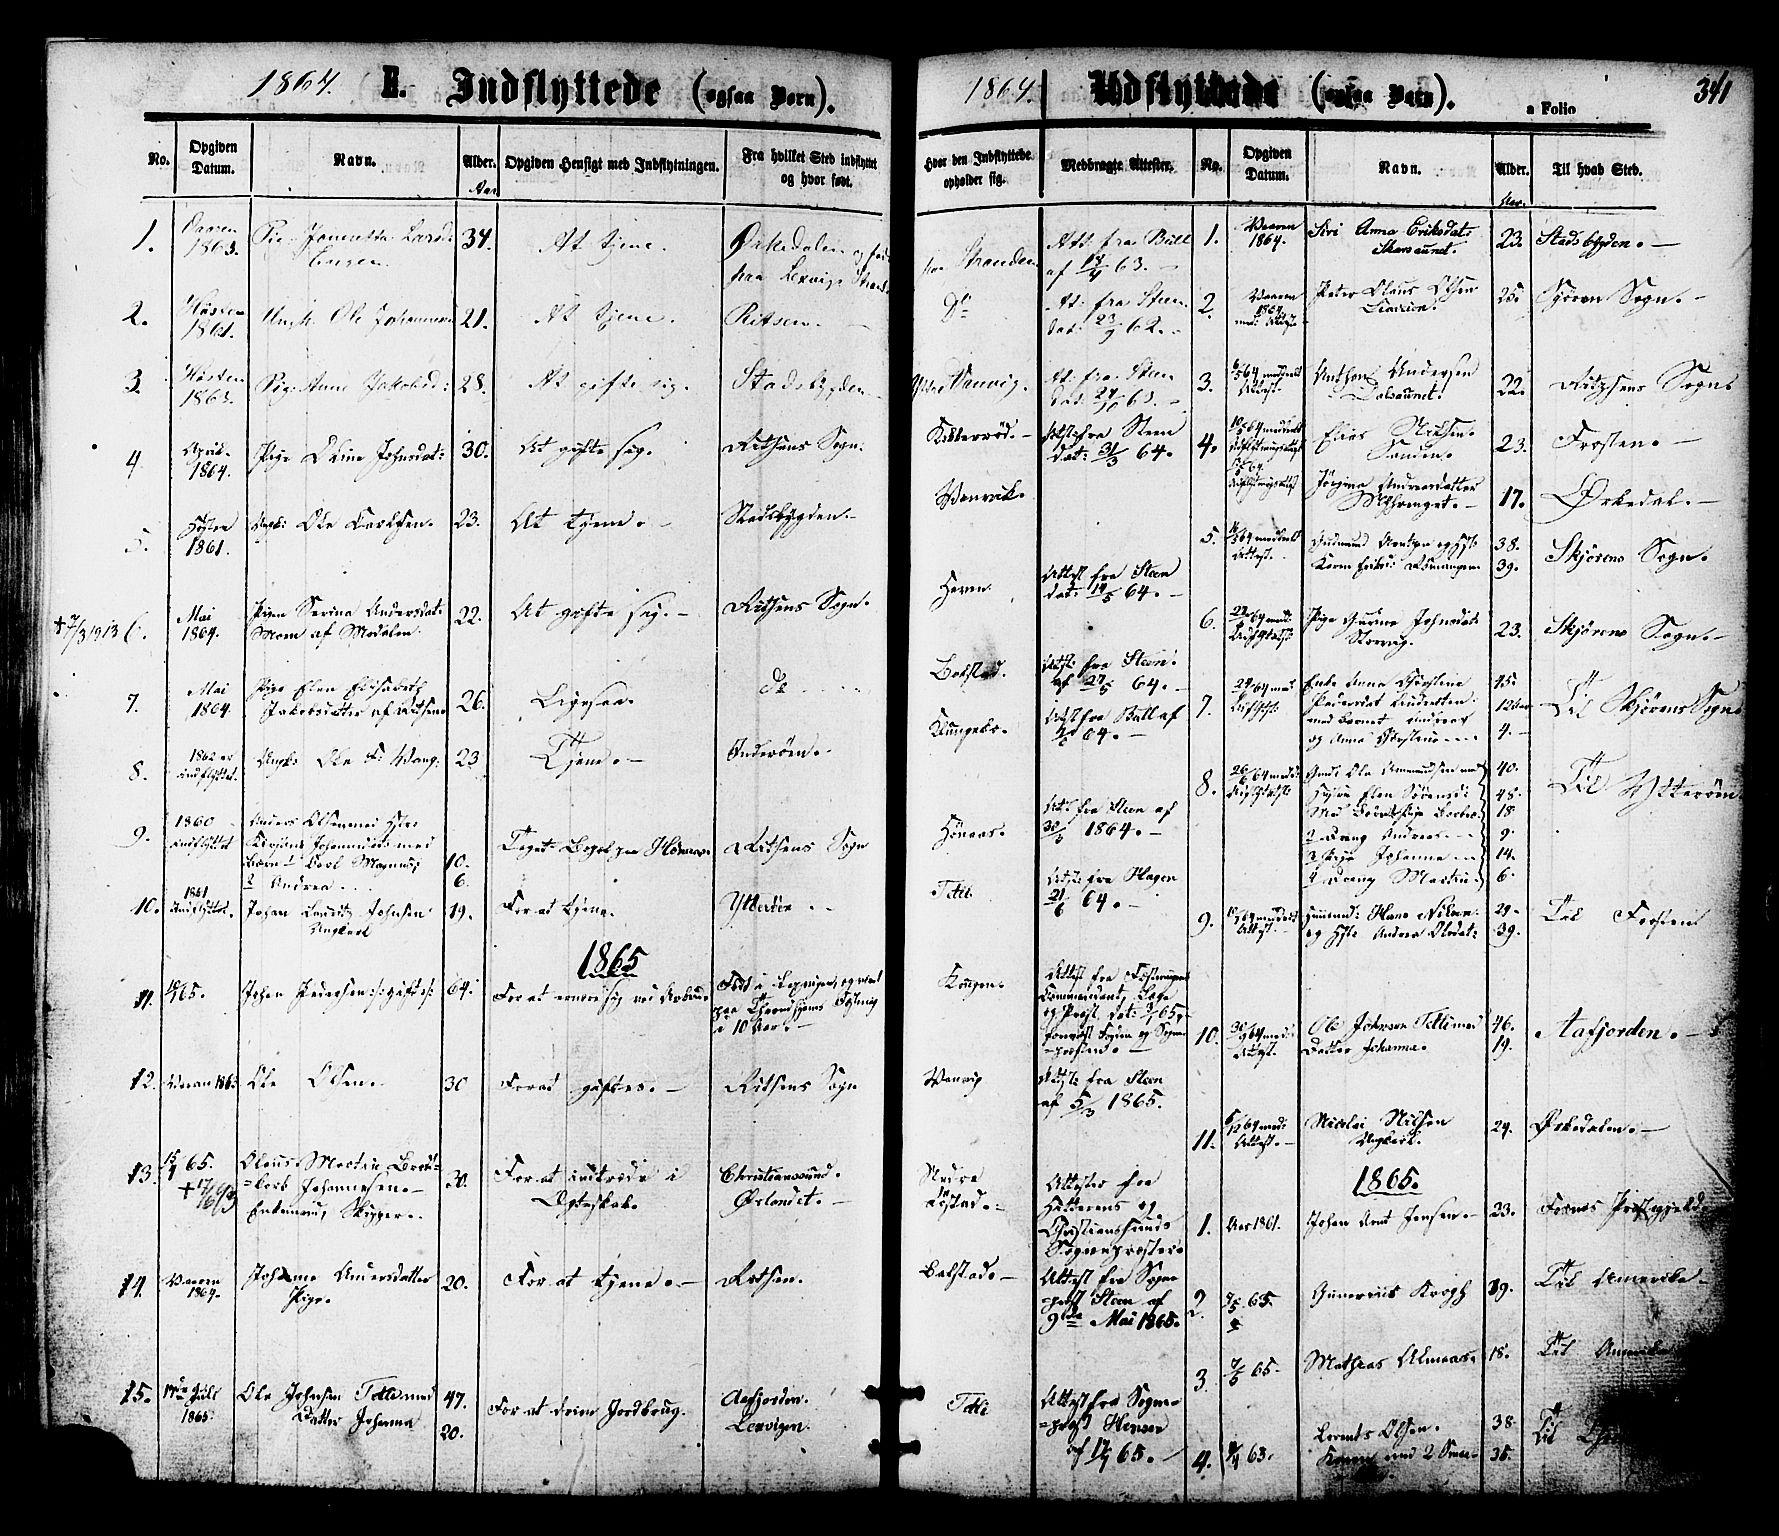 SAT, Ministerialprotokoller, klokkerbøker og fødselsregistre - Nord-Trøndelag, 701/L0009: Ministerialbok nr. 701A09 /1, 1864-1882, s. 341